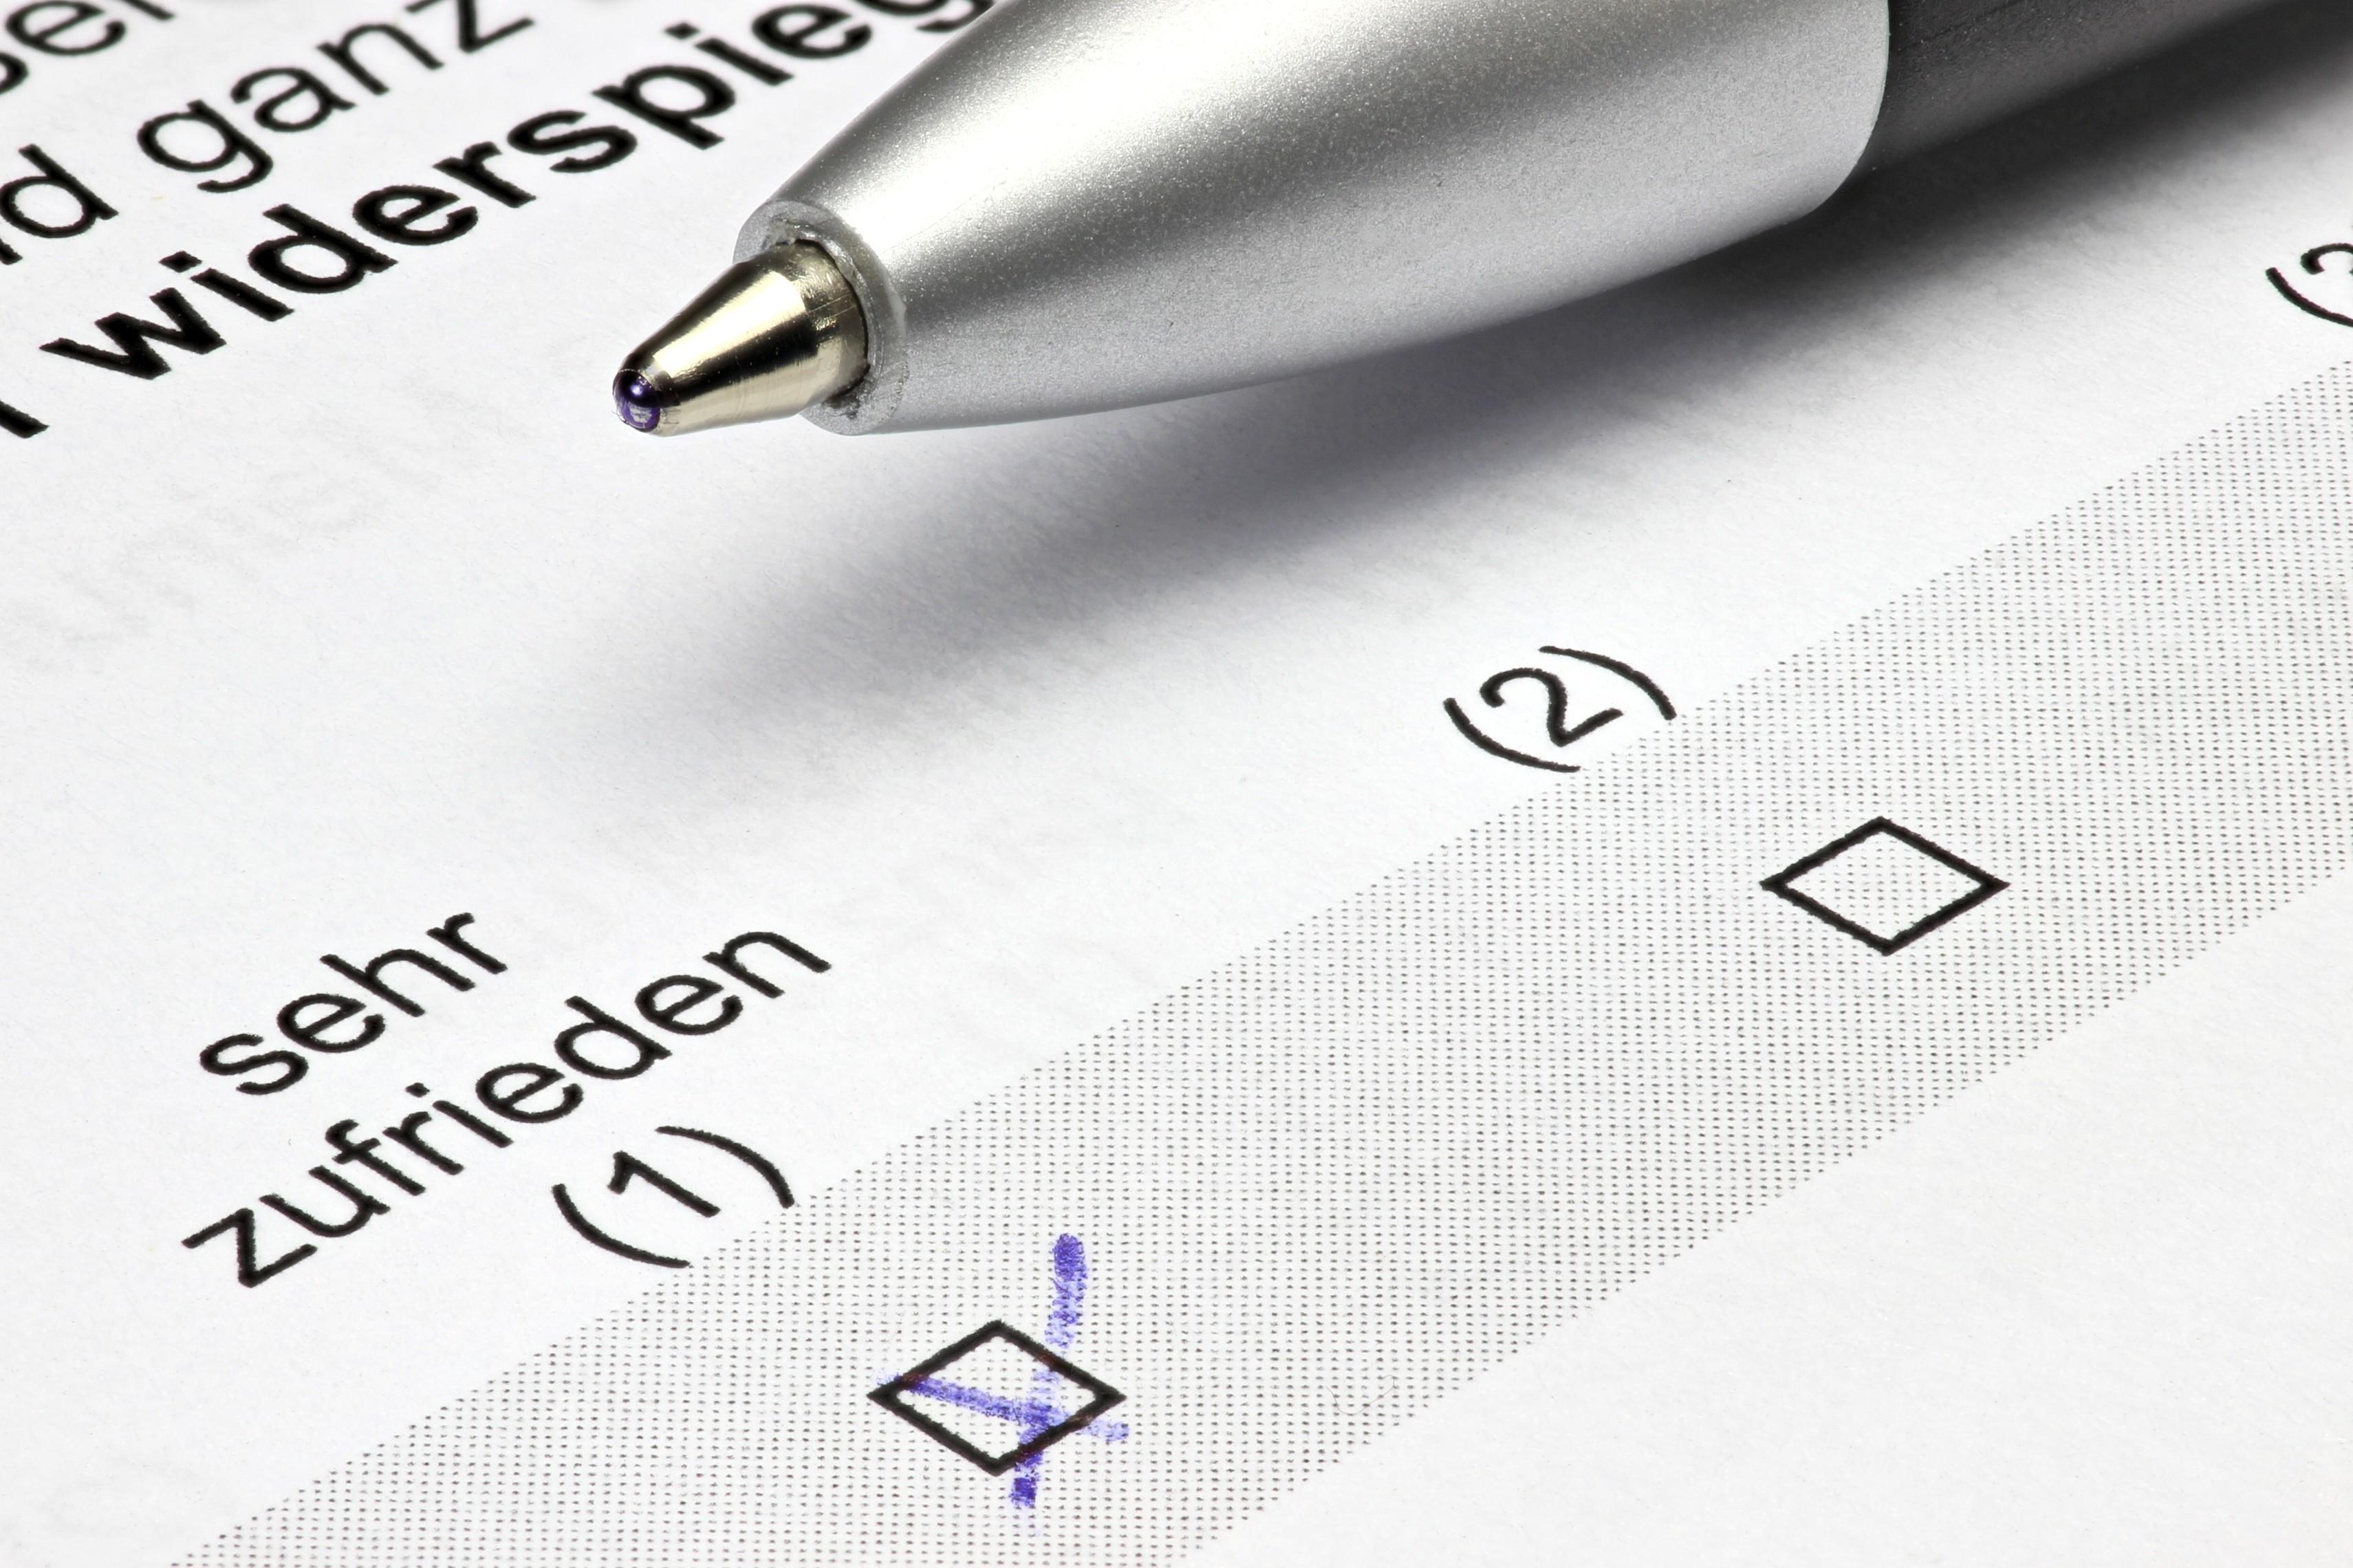 Fragebogen mit Kreuz bei sehr zufrieden